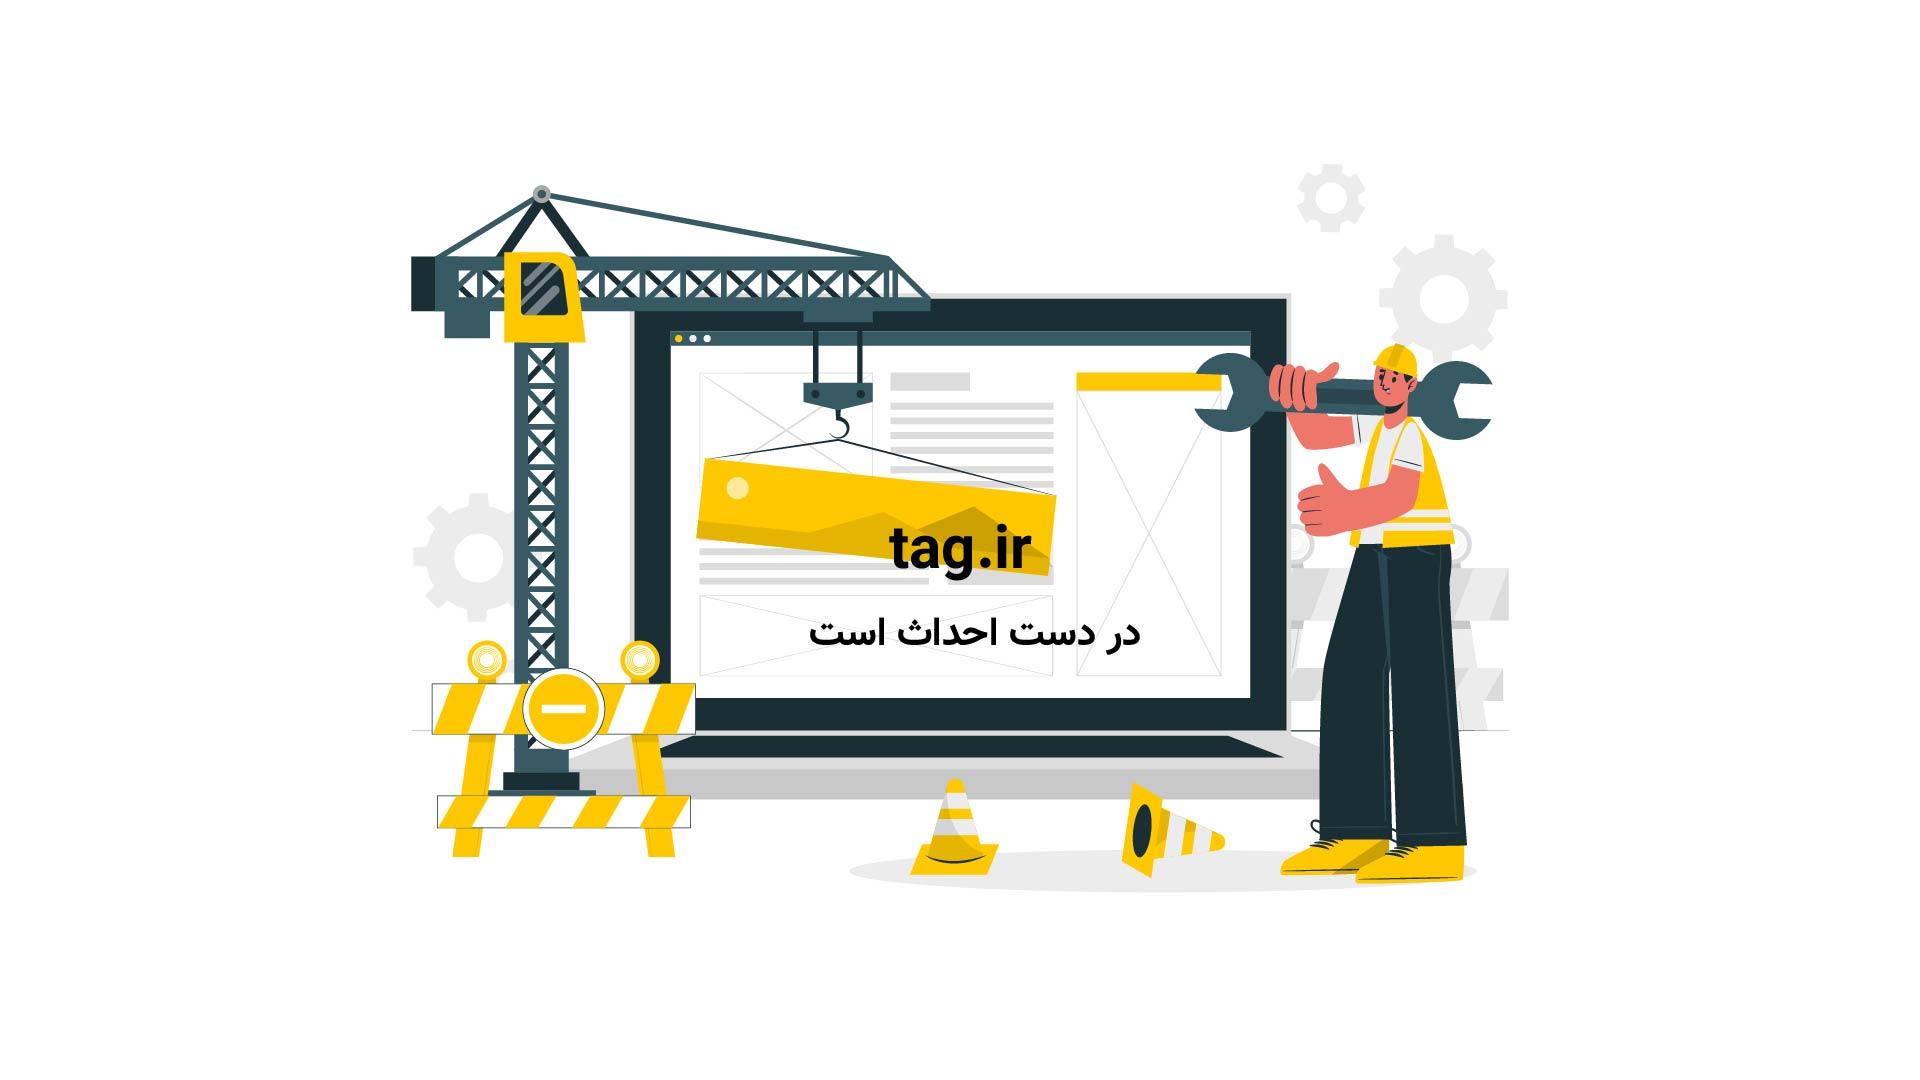 آبشار دلفارد | تگ